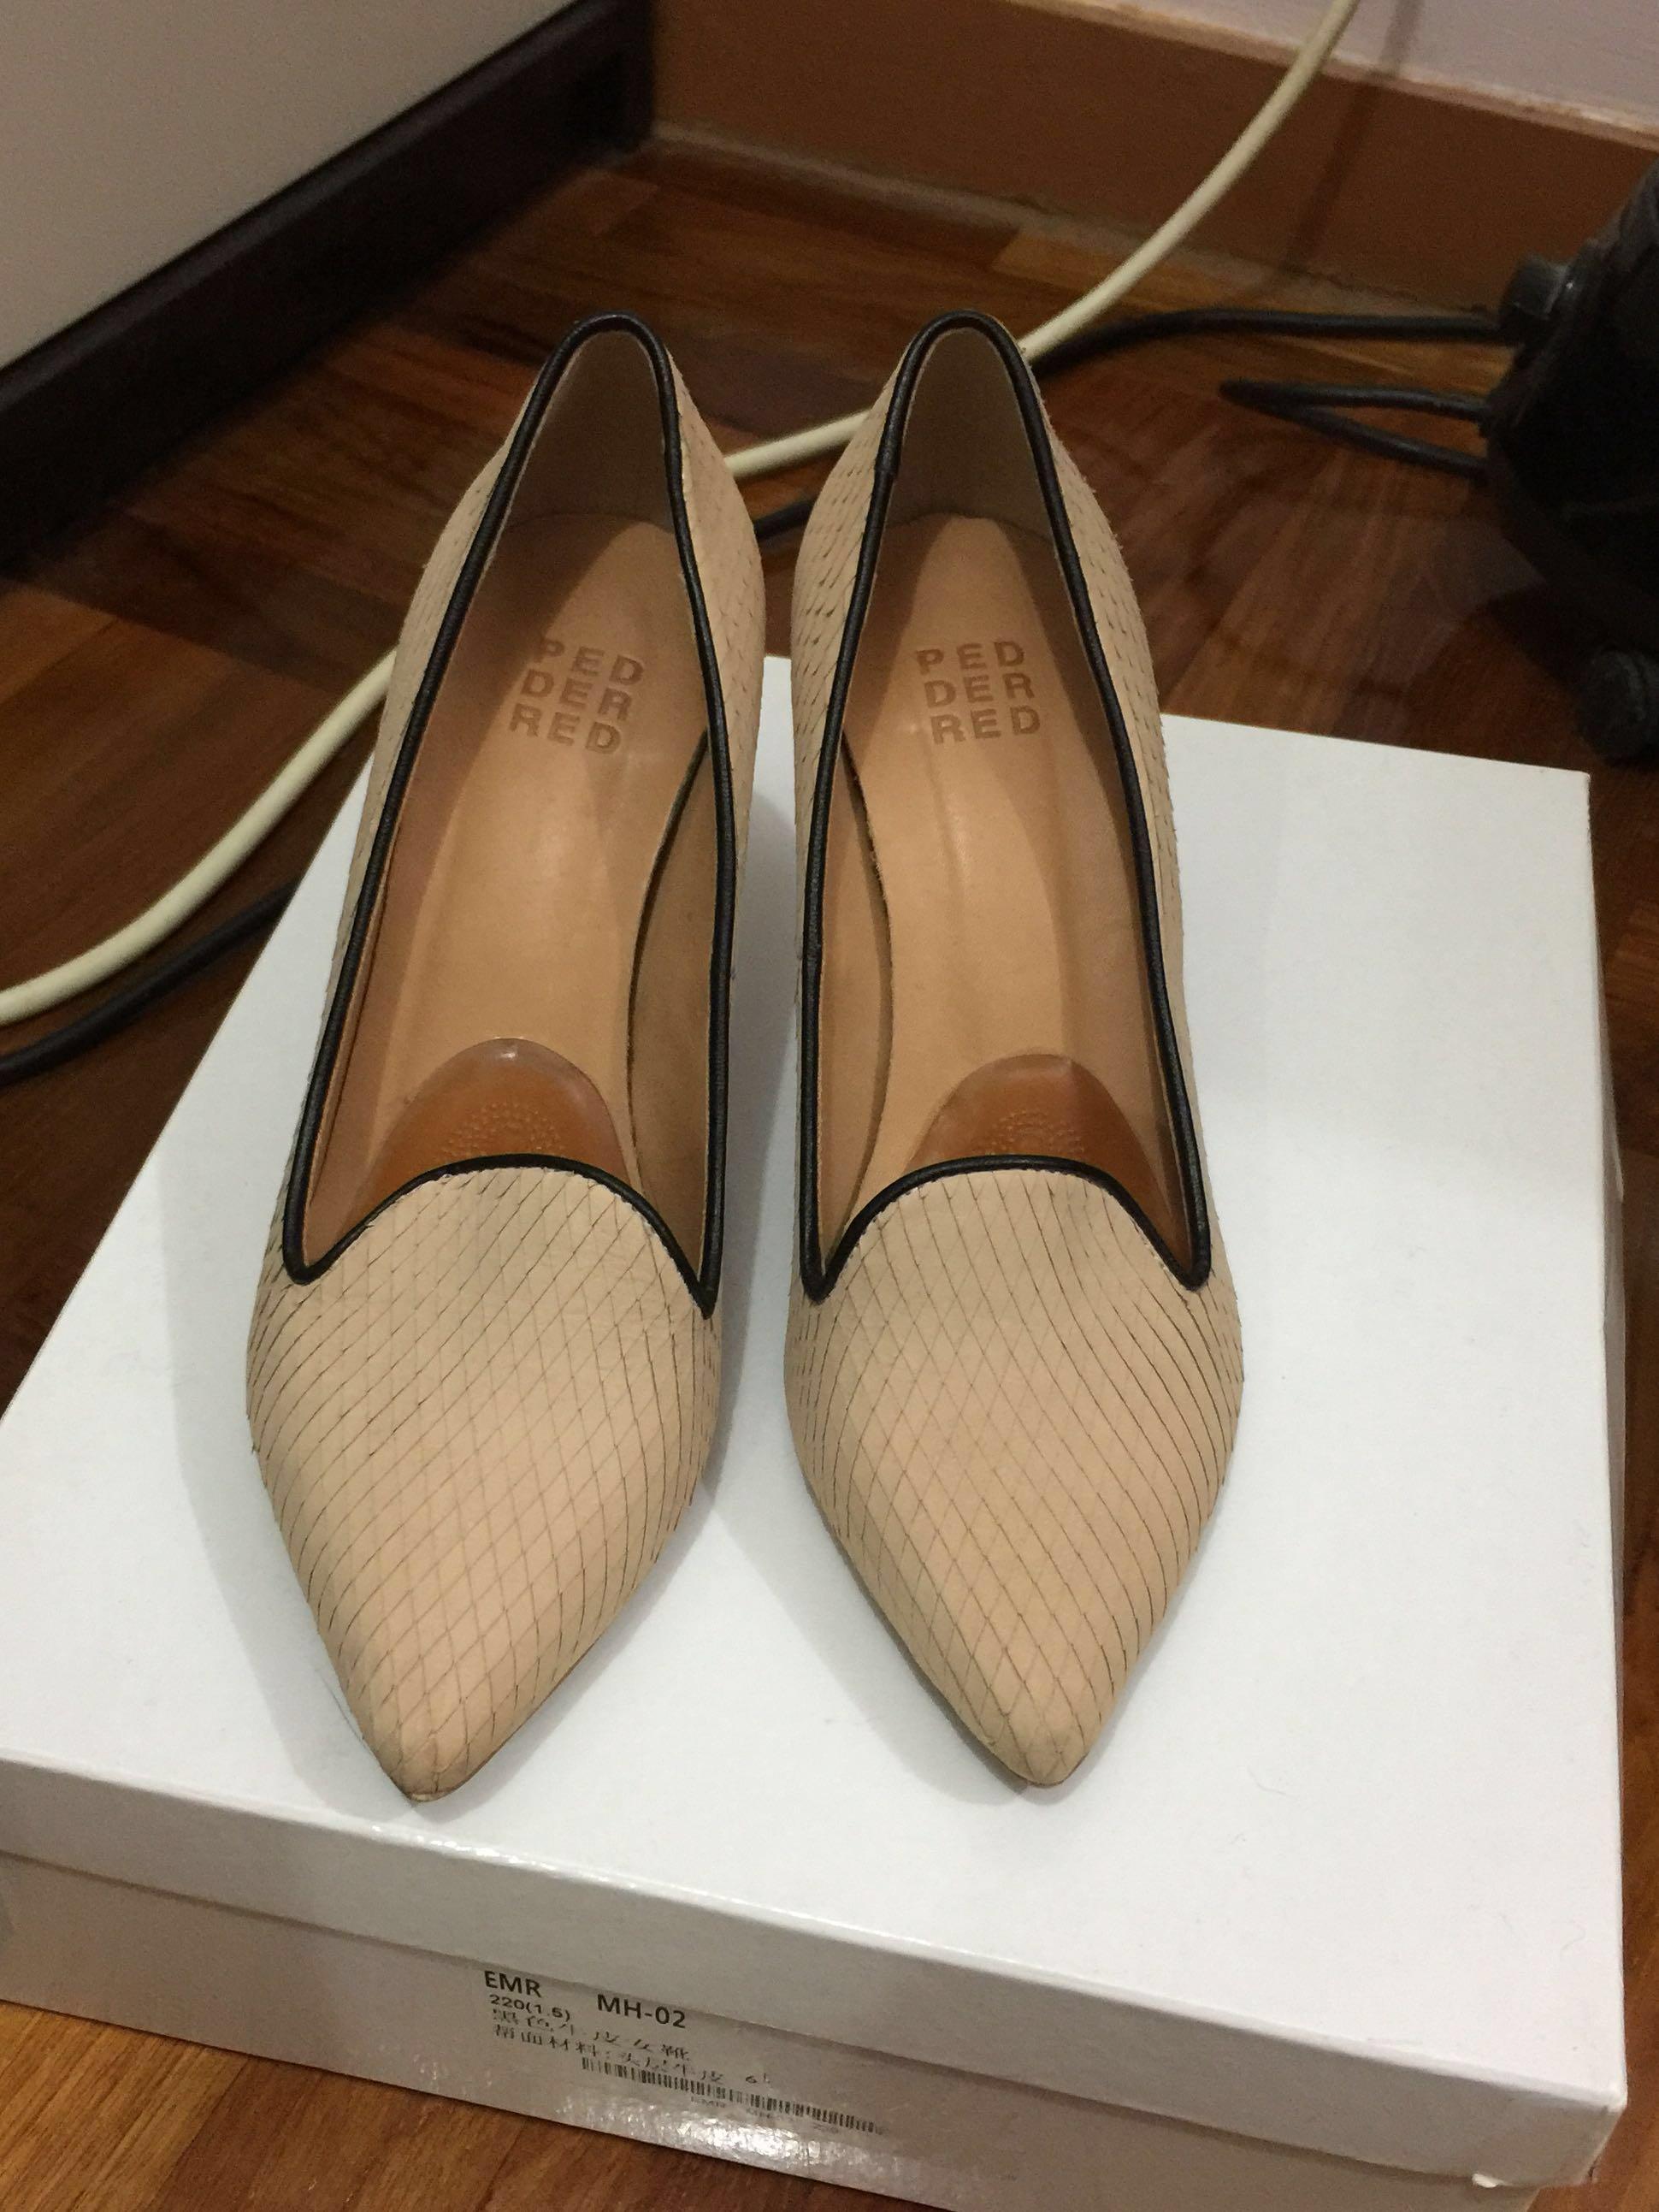 Pedder Red 米色高跟鞋